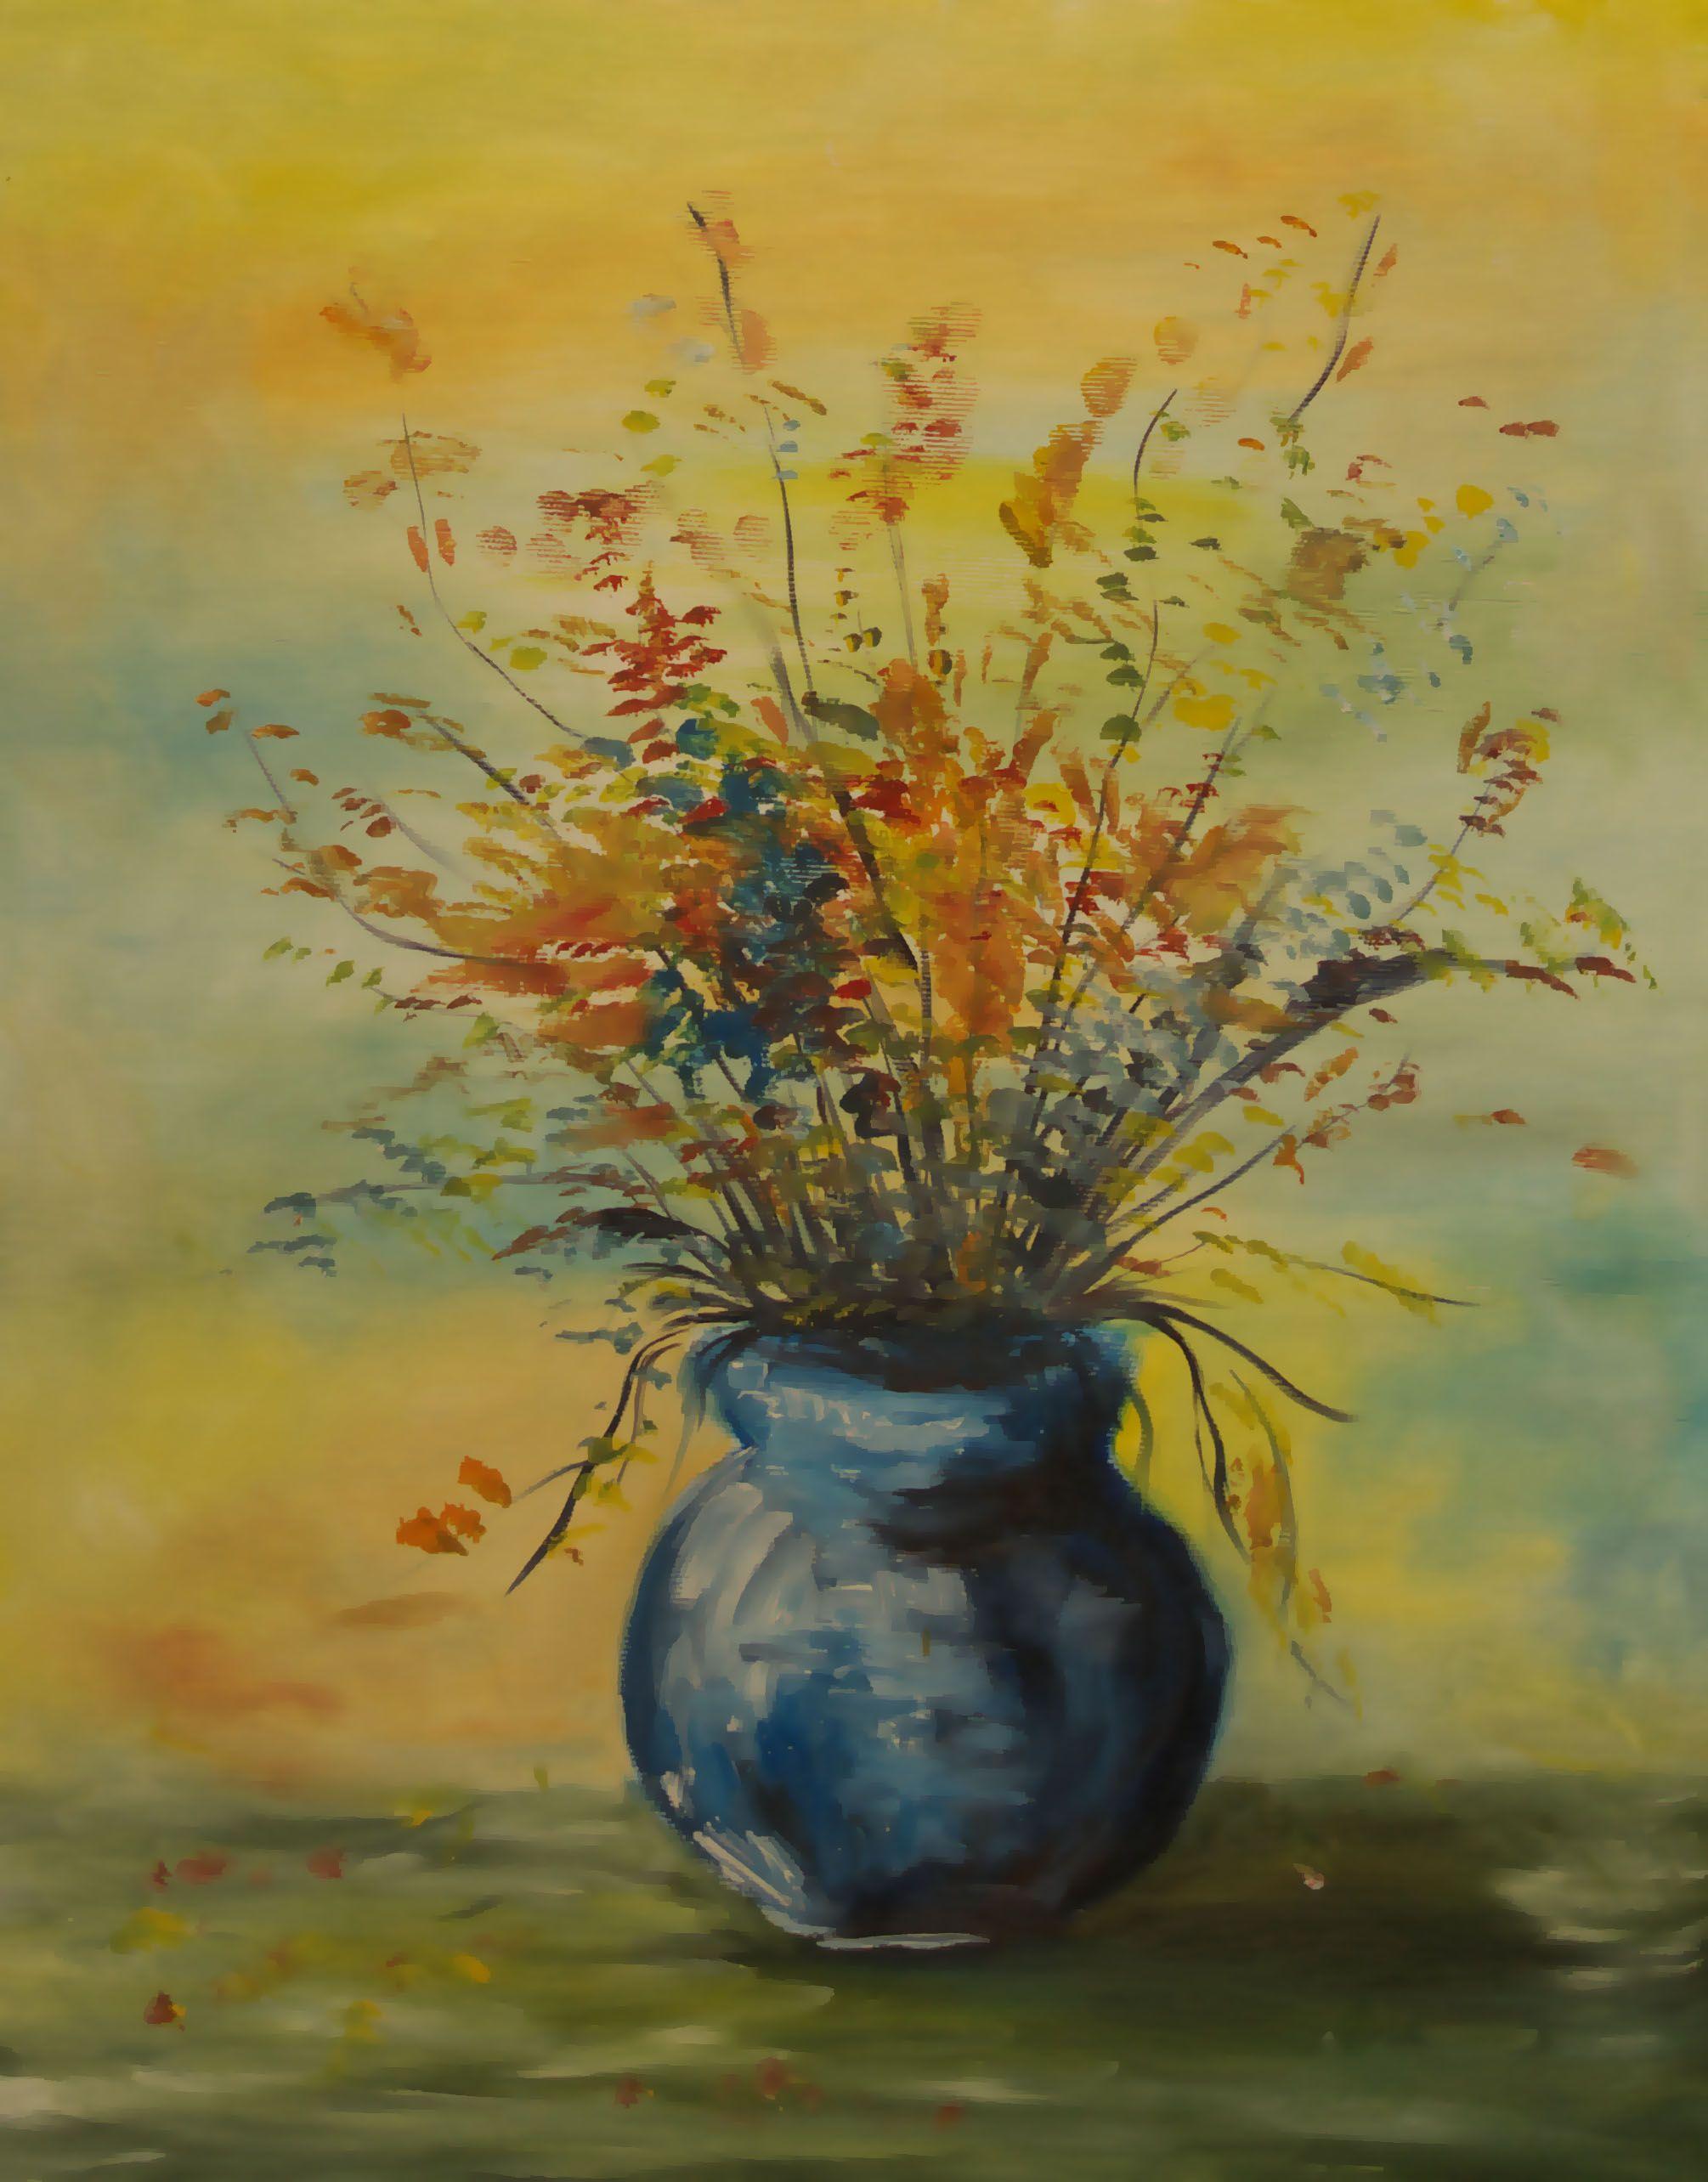 Kwiaty W Wazonie Pastelowe Kolory Olej Na Plotnie Art Painting Cool Stuff